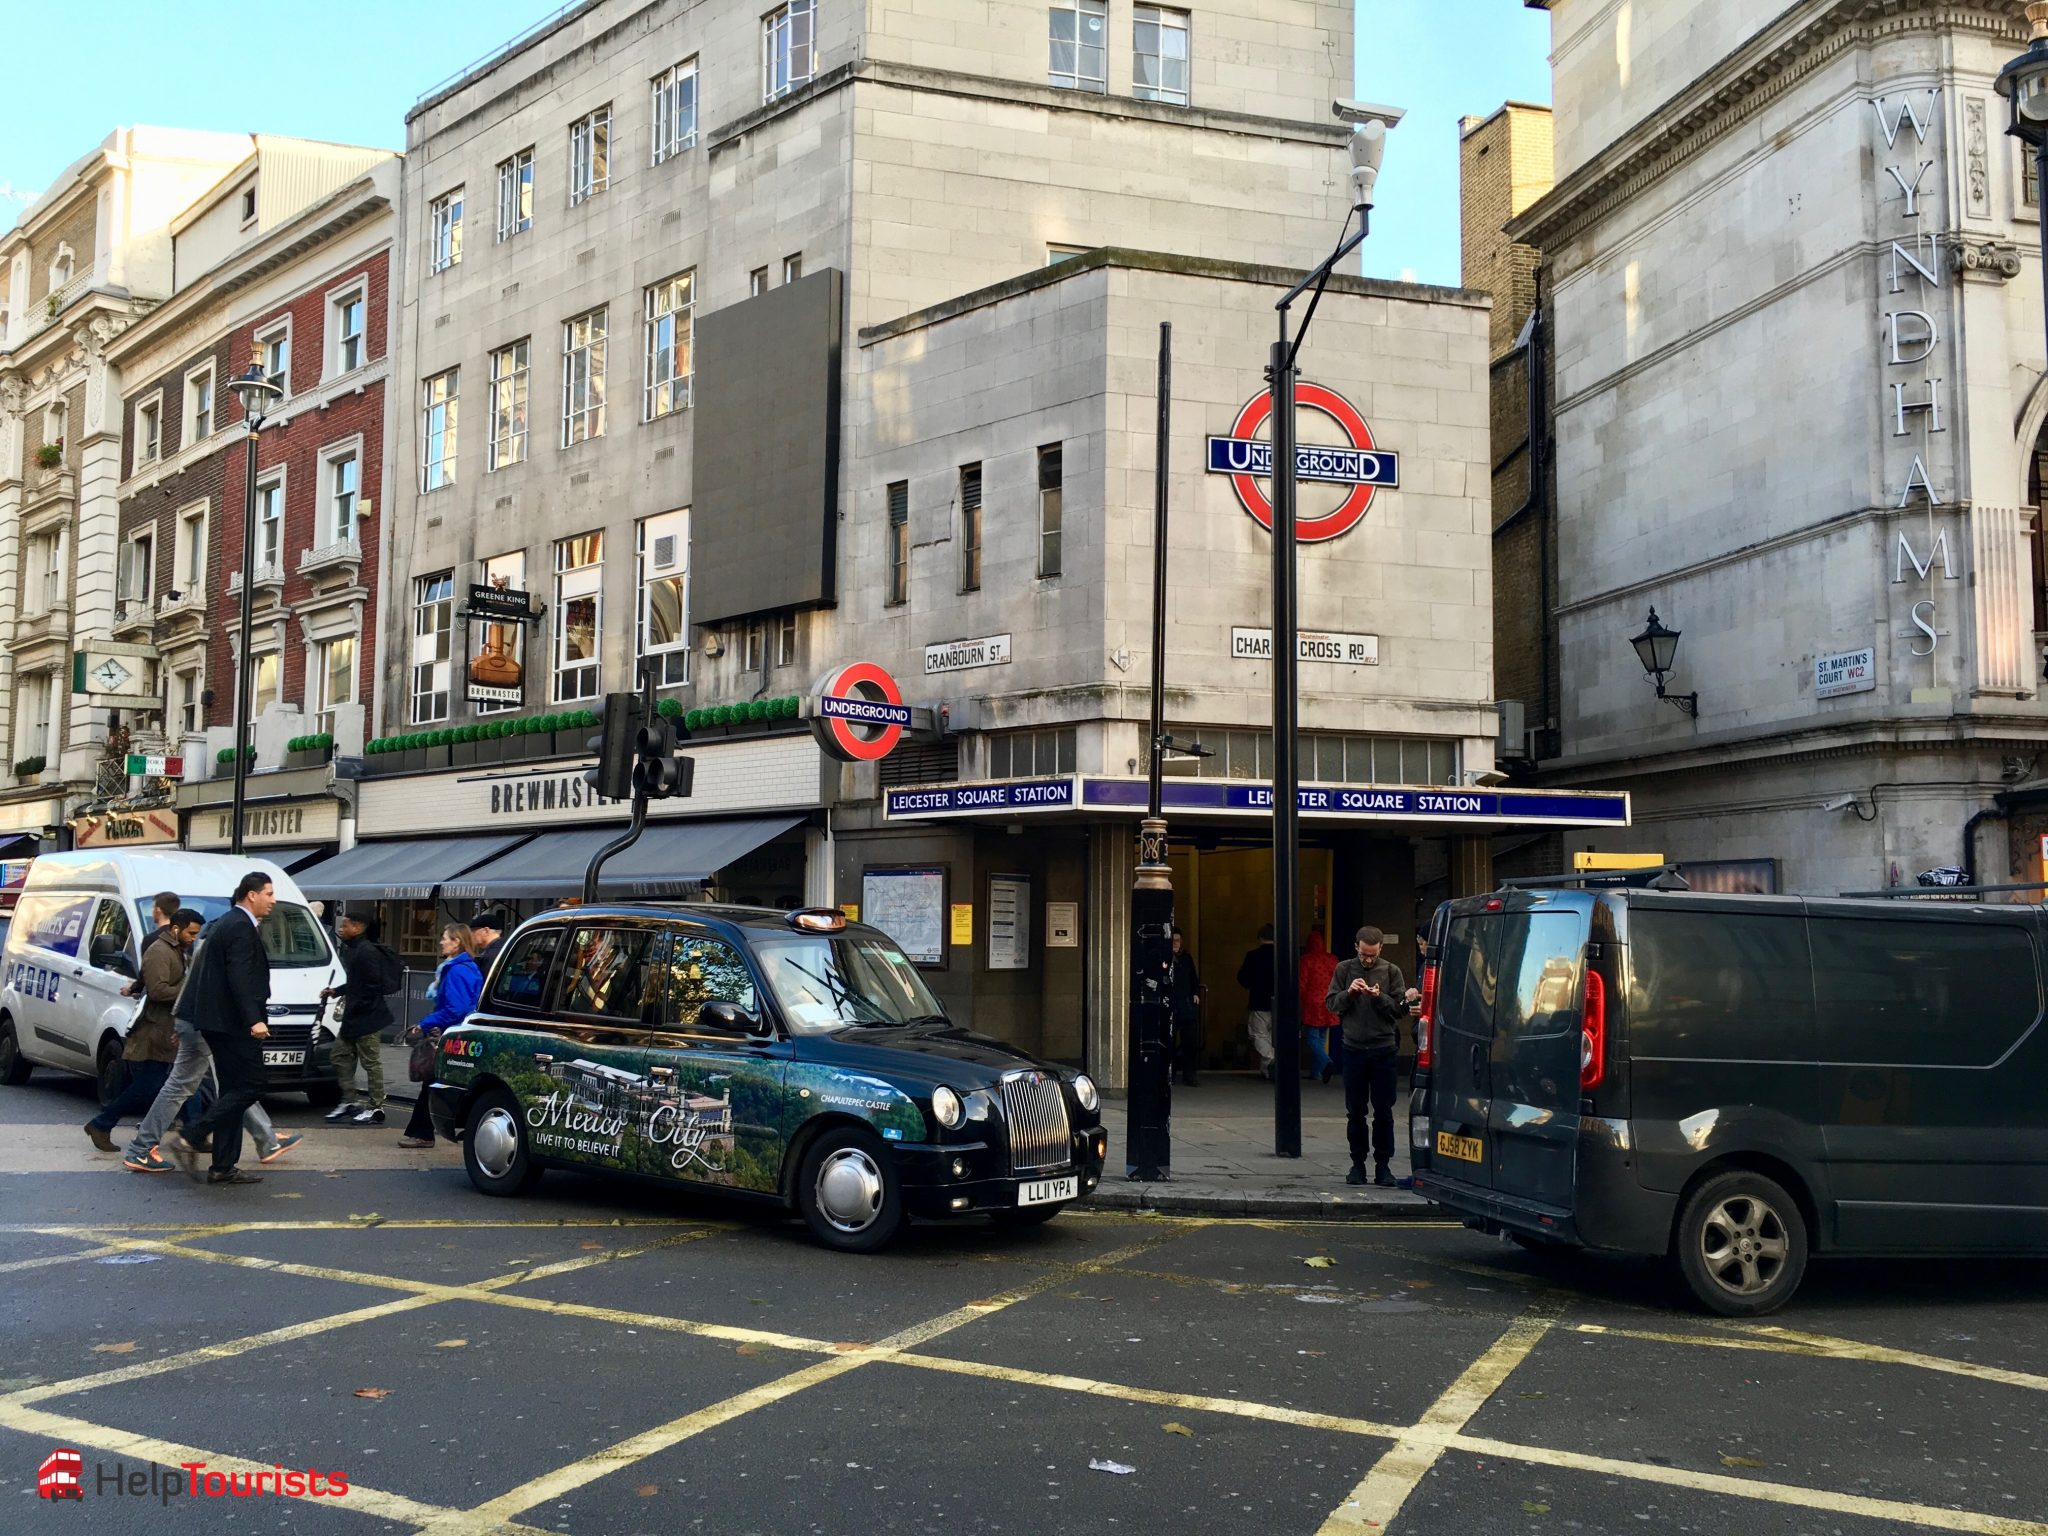 London Covent Garden Underground